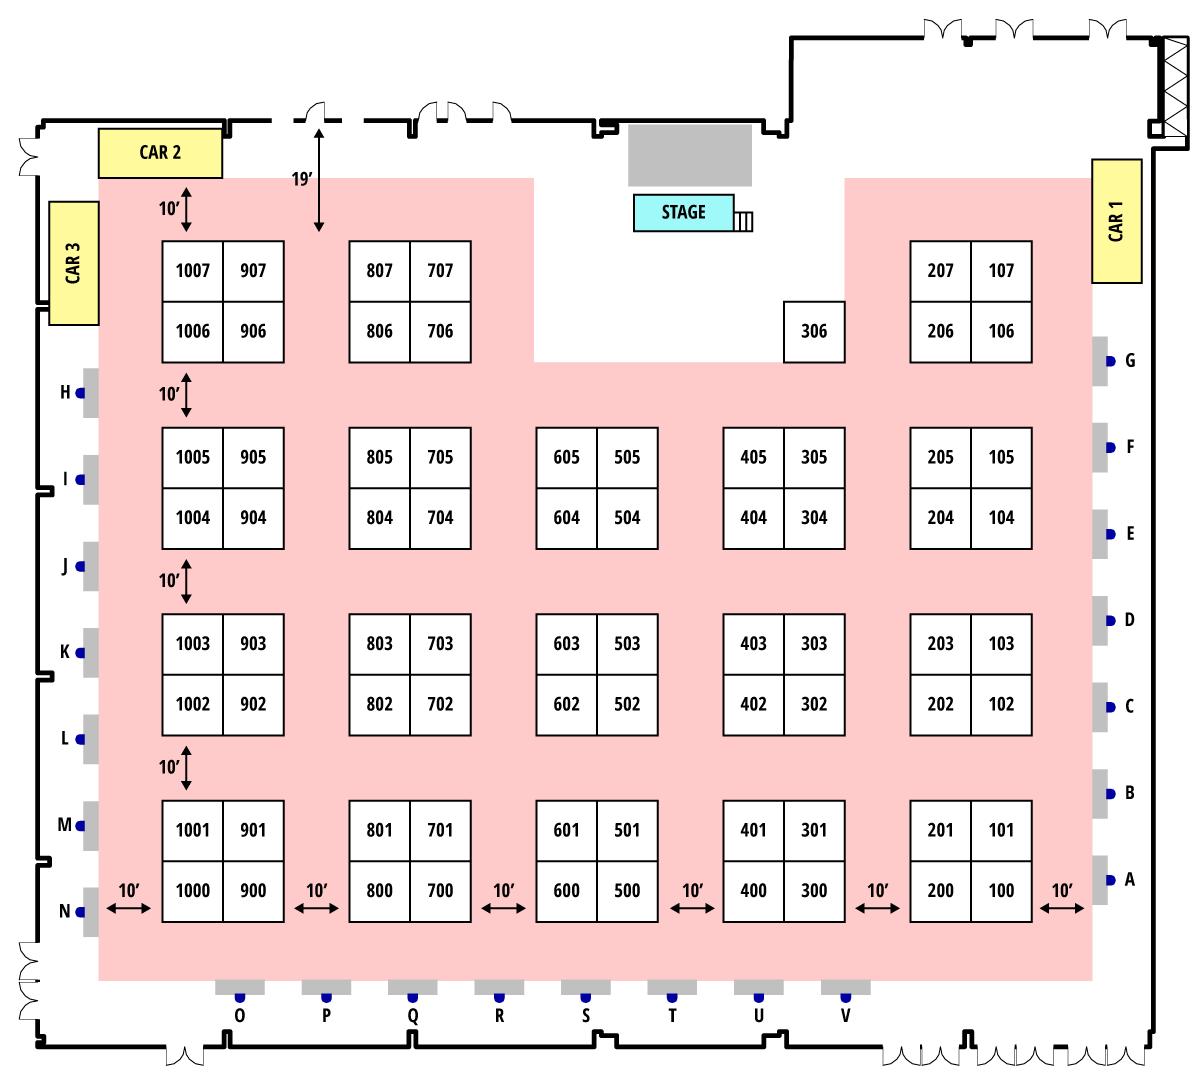 Dec 2020 floor plan